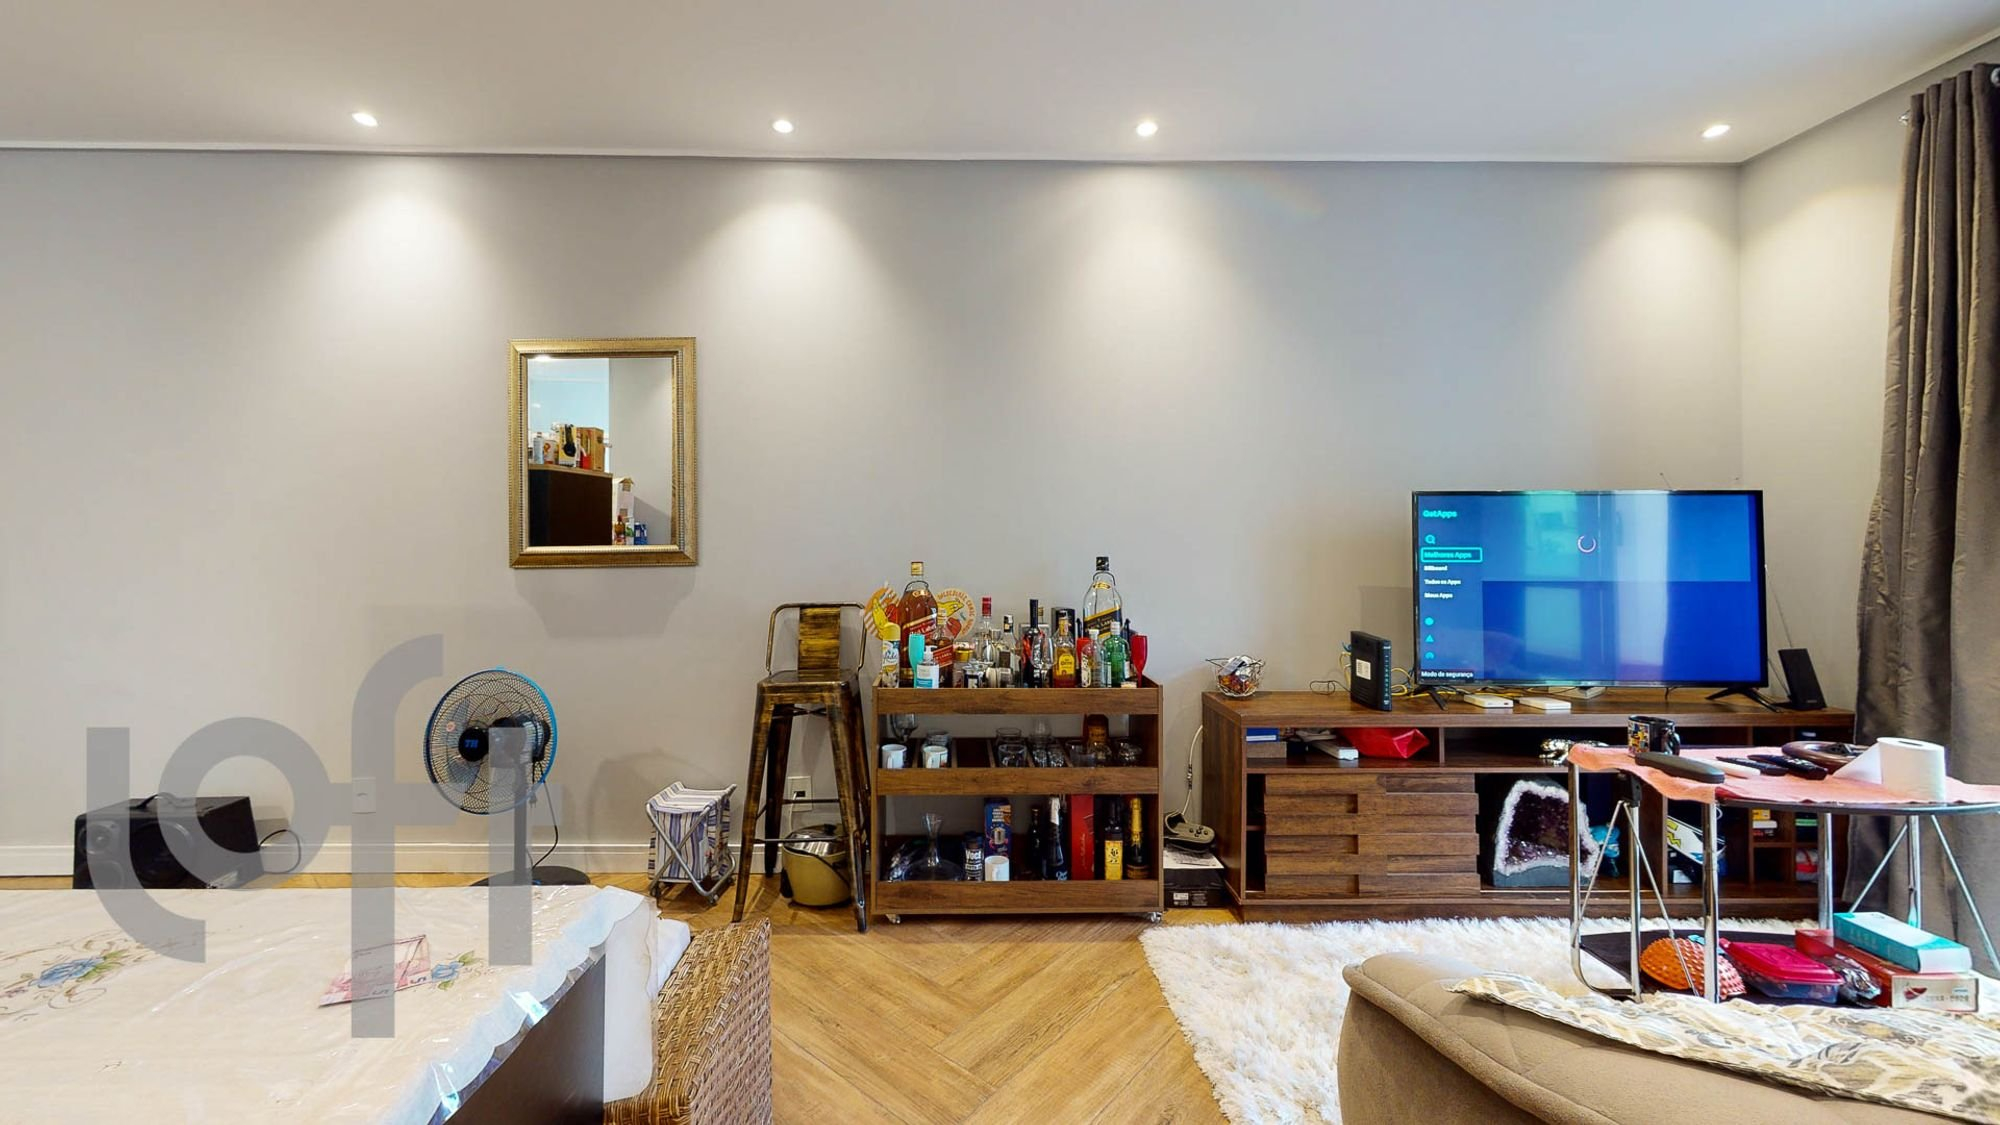 Foto de Sala com televisão, garrafa, mesa de jantar